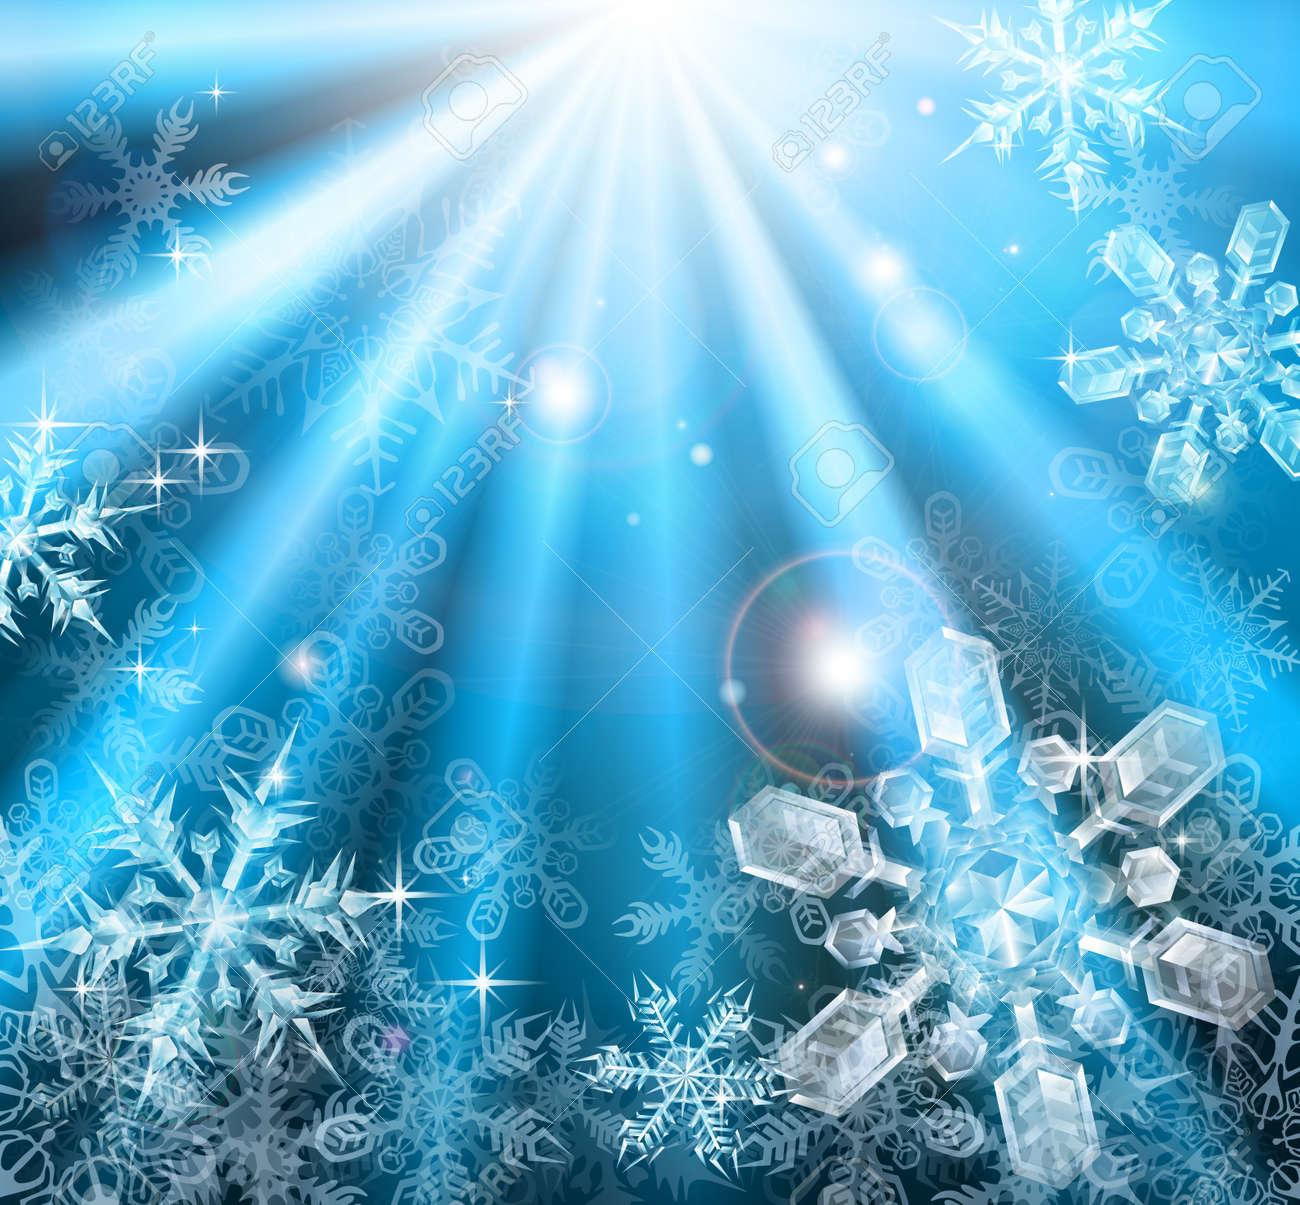 青い冬クリスマス雪背景イラスト ロイヤリティフリークリップアート